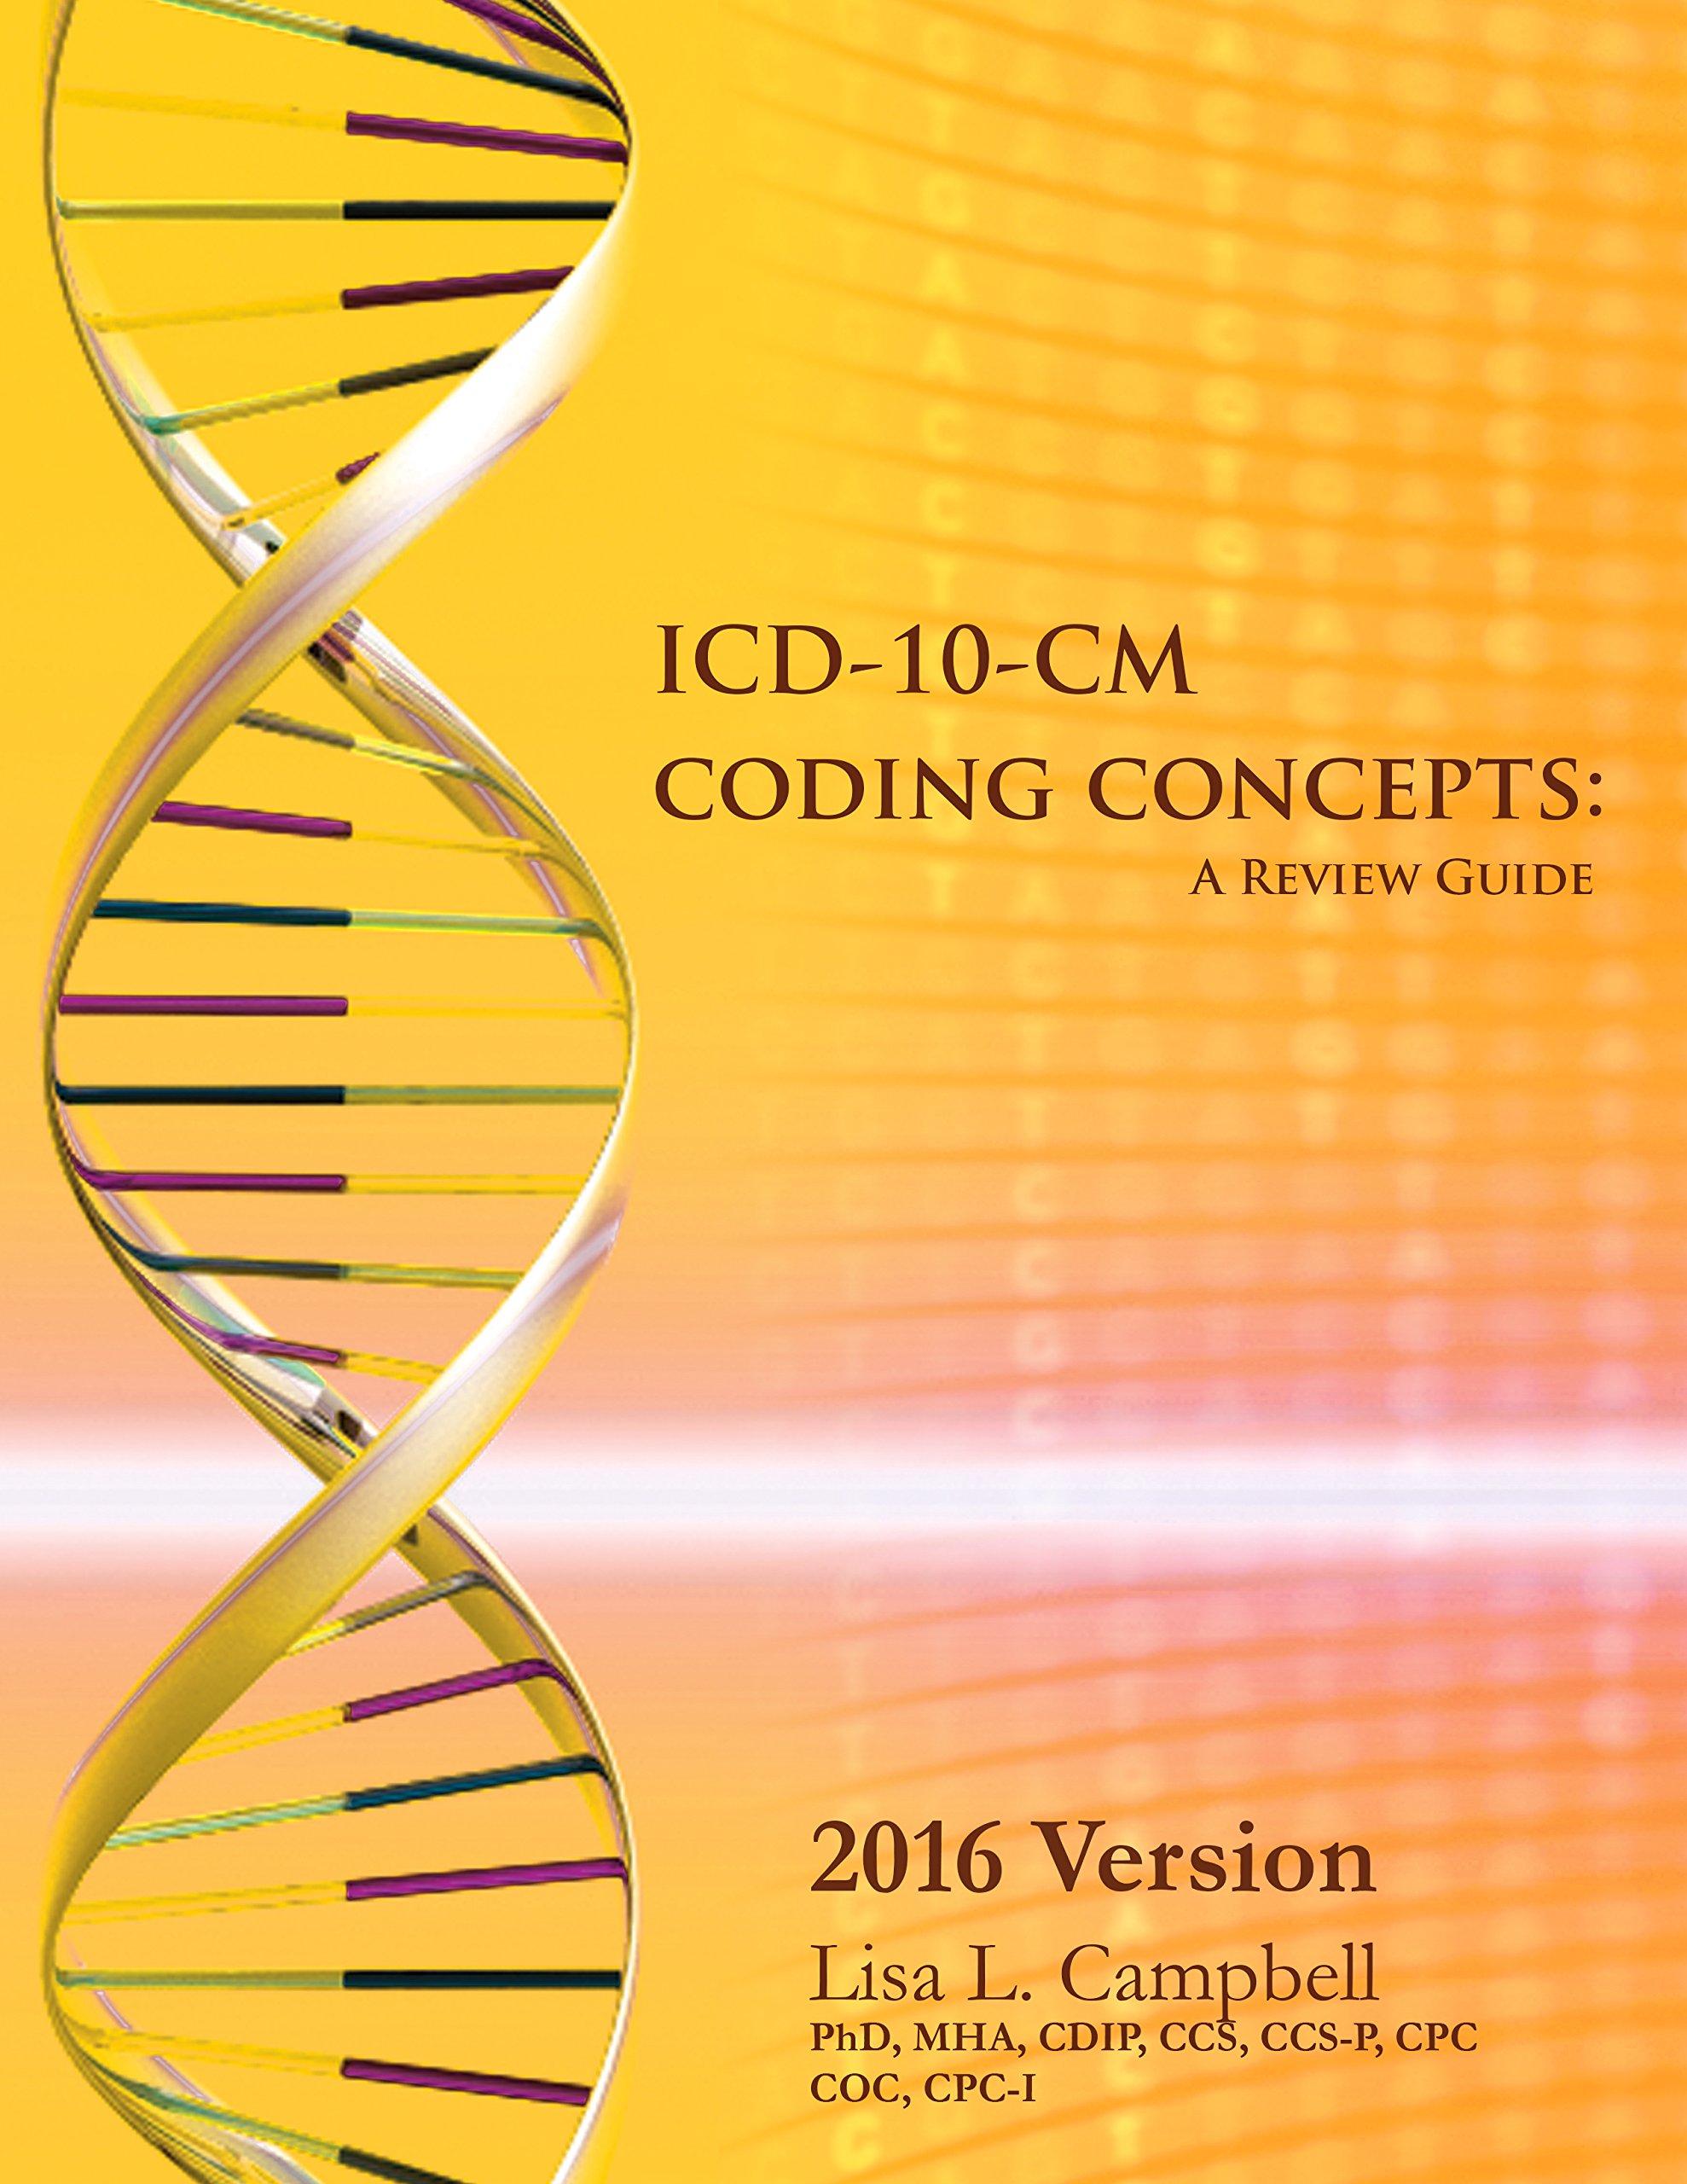 ICD-10-CM Coding Concepts: A Review Guide: PhD, CDIP, CCS, CCS-P, CPC, COC,  CPC-I Lisa L. Campbell: 9780983305095: Amazon.com: Books